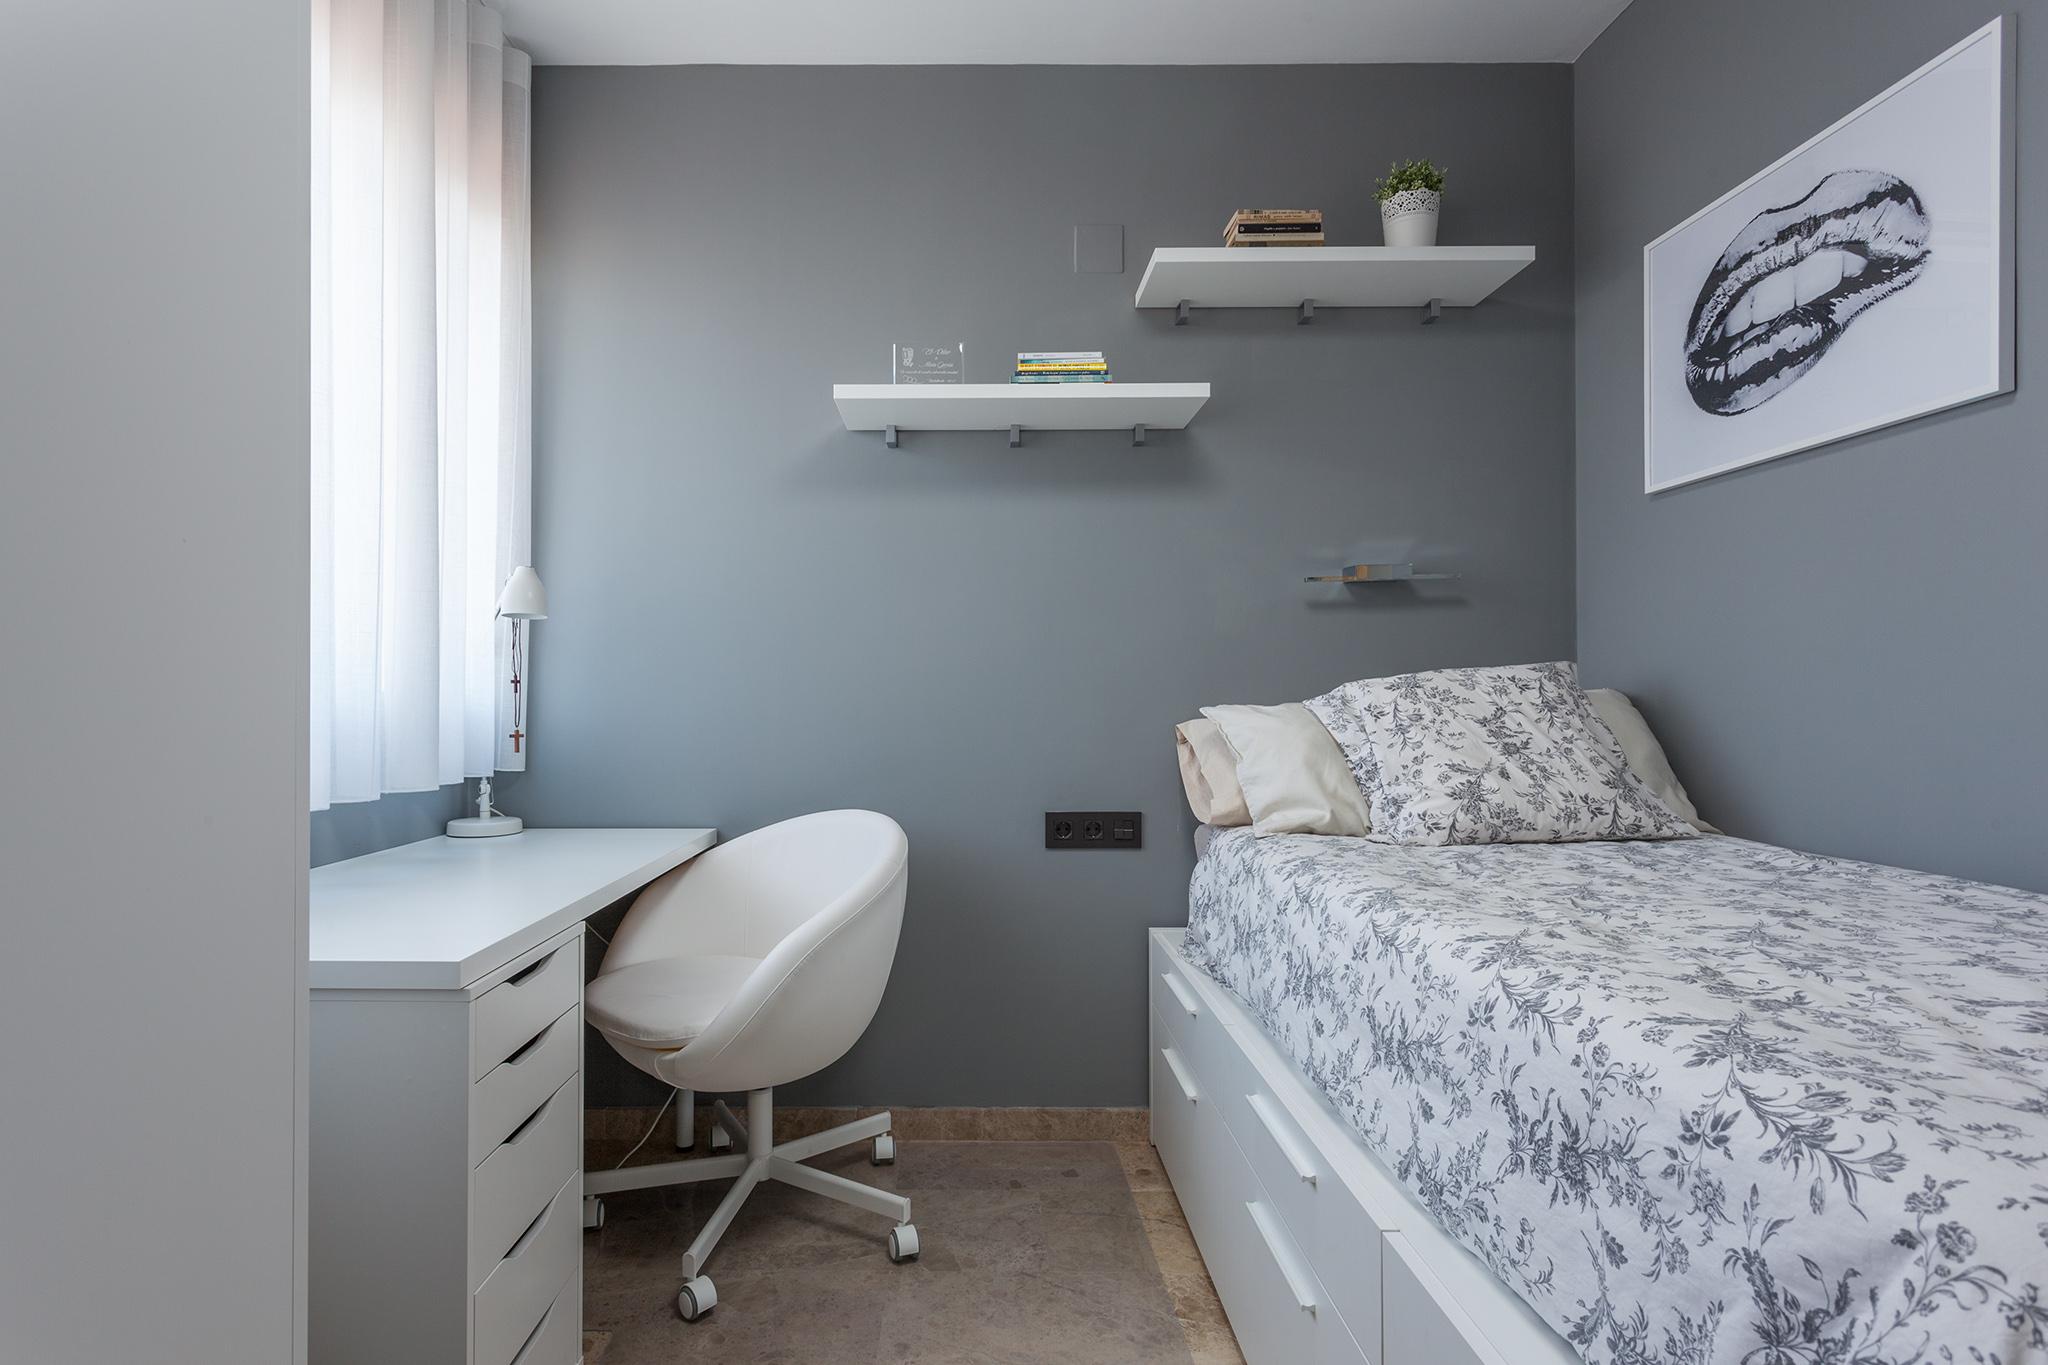 Habitación – Fotografía Inmobiliaria, Arquitectura y Reformas – Sefora Camazano Fotografía